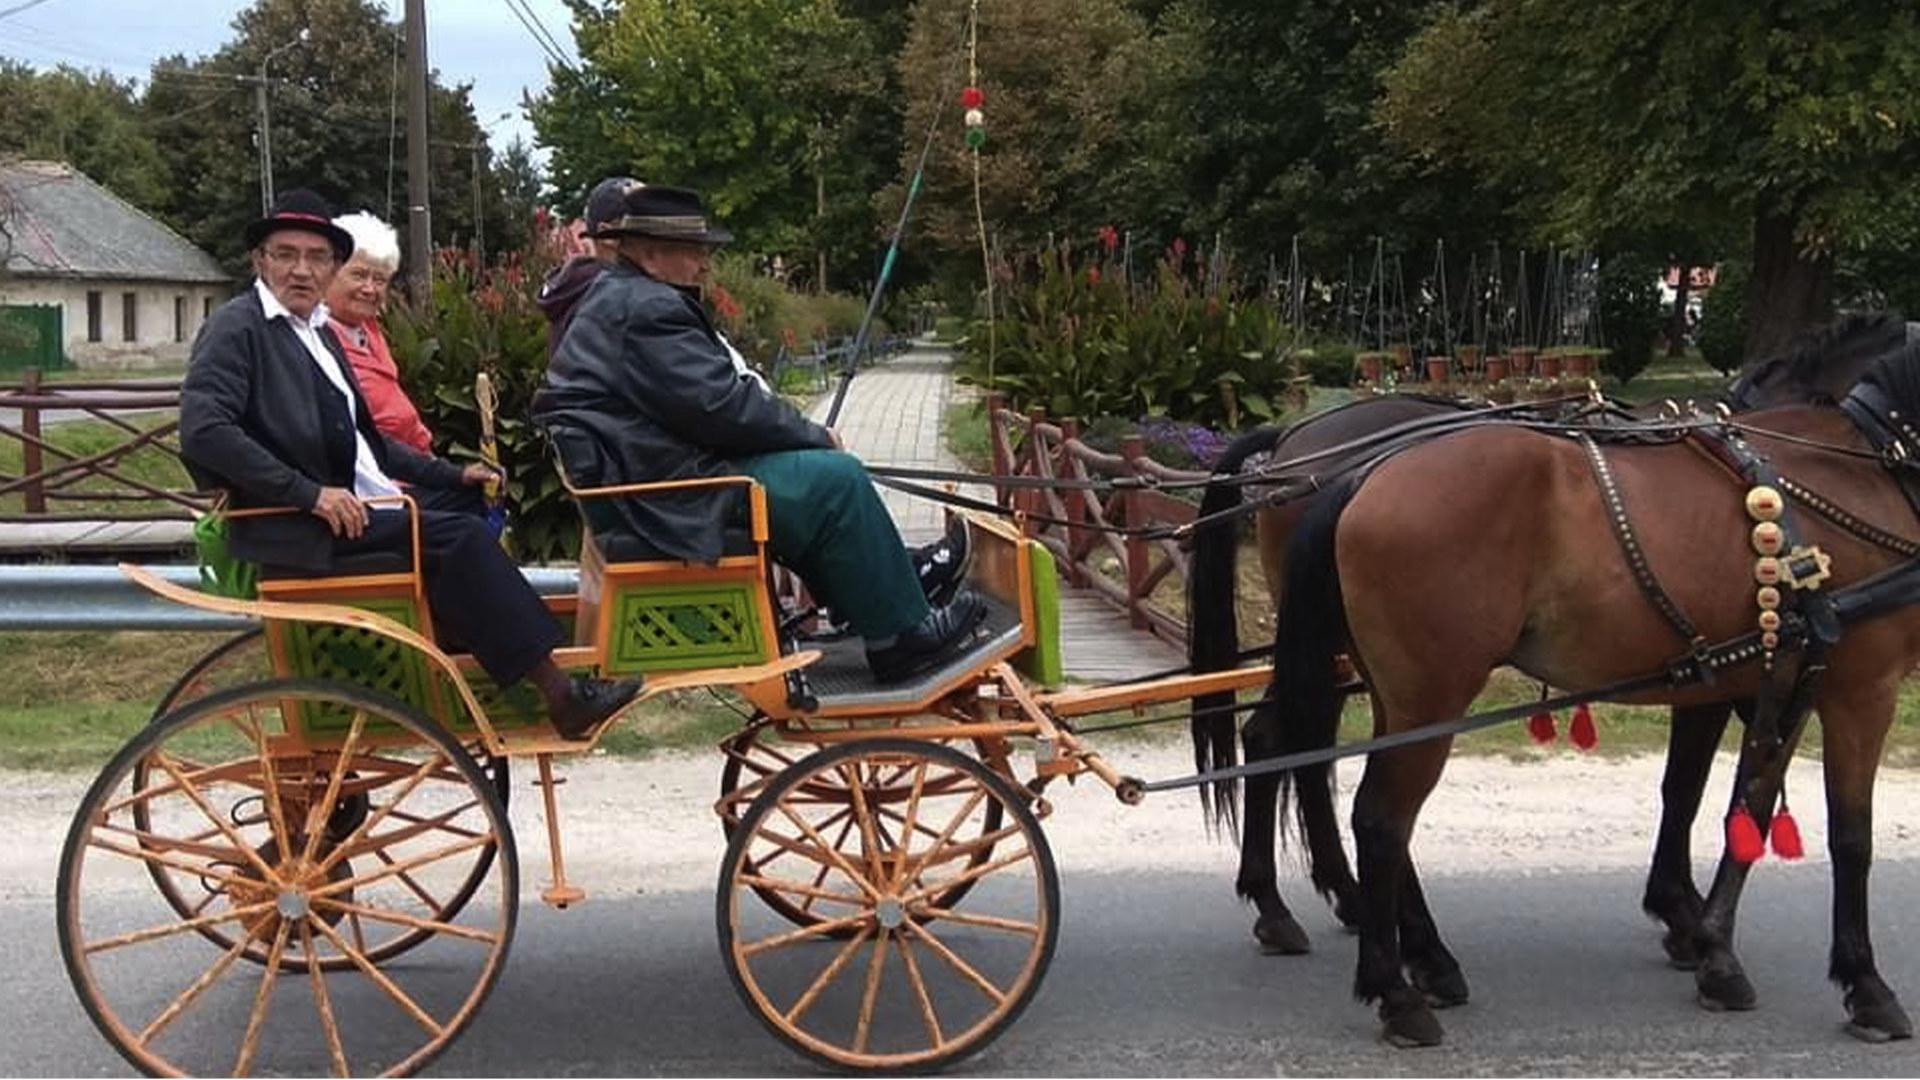 Otwarta bryczka ciągnięta przez dwa konie. Na bryczce siedzą cztery osoby w strojach ludowych.